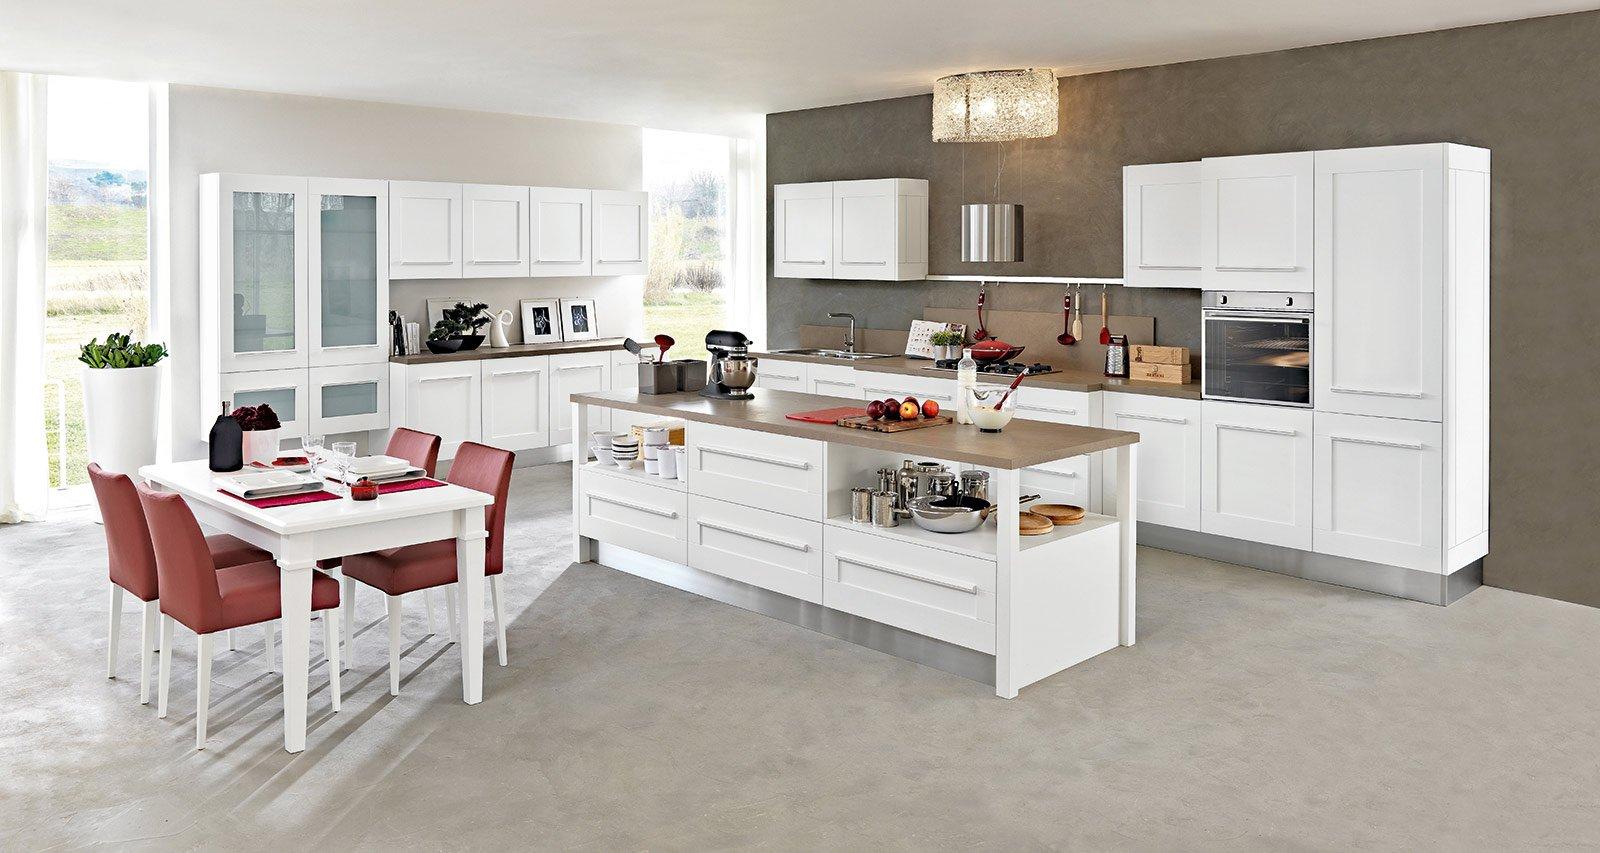 Maioliche cucina moderna rivestimento cucina moderna senza